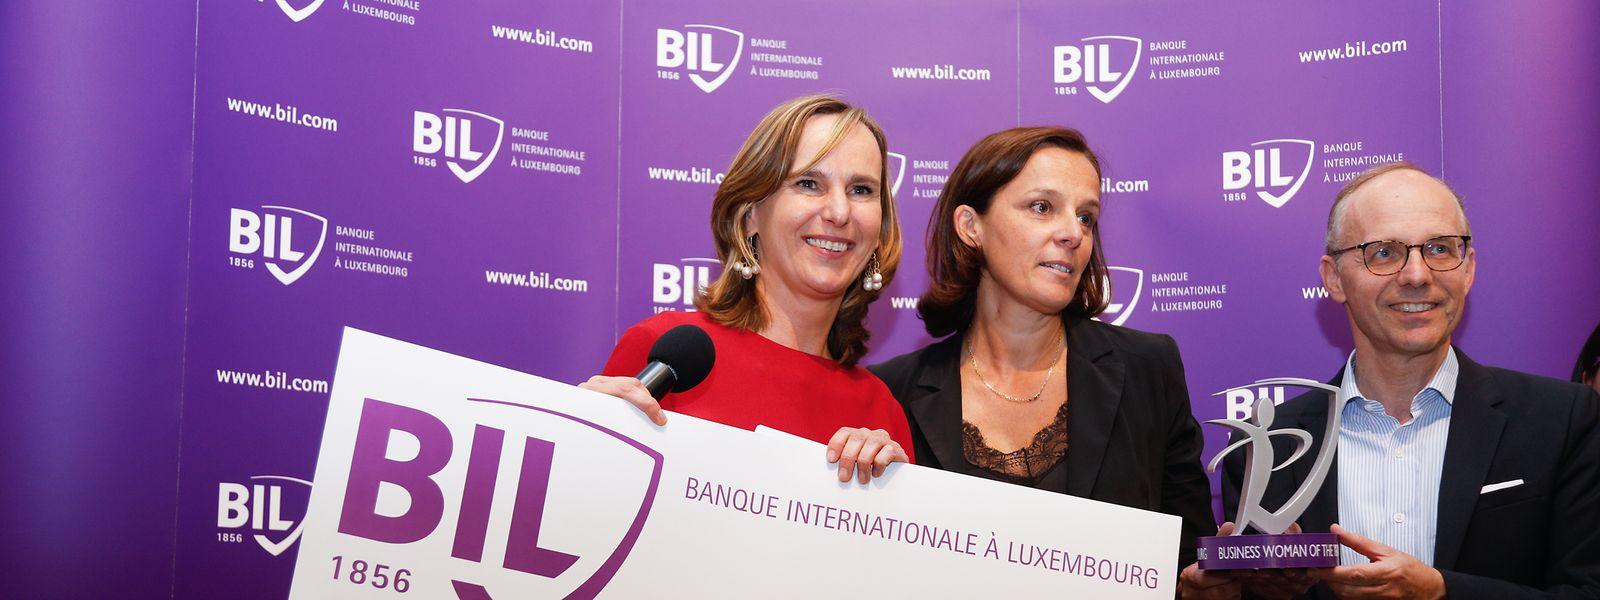 """Stéphanie Jauquet a également reçu un chèque de 10.000 euros mercredi soir lors de la remise du prix """"Business Woman of the Year 2019""""."""